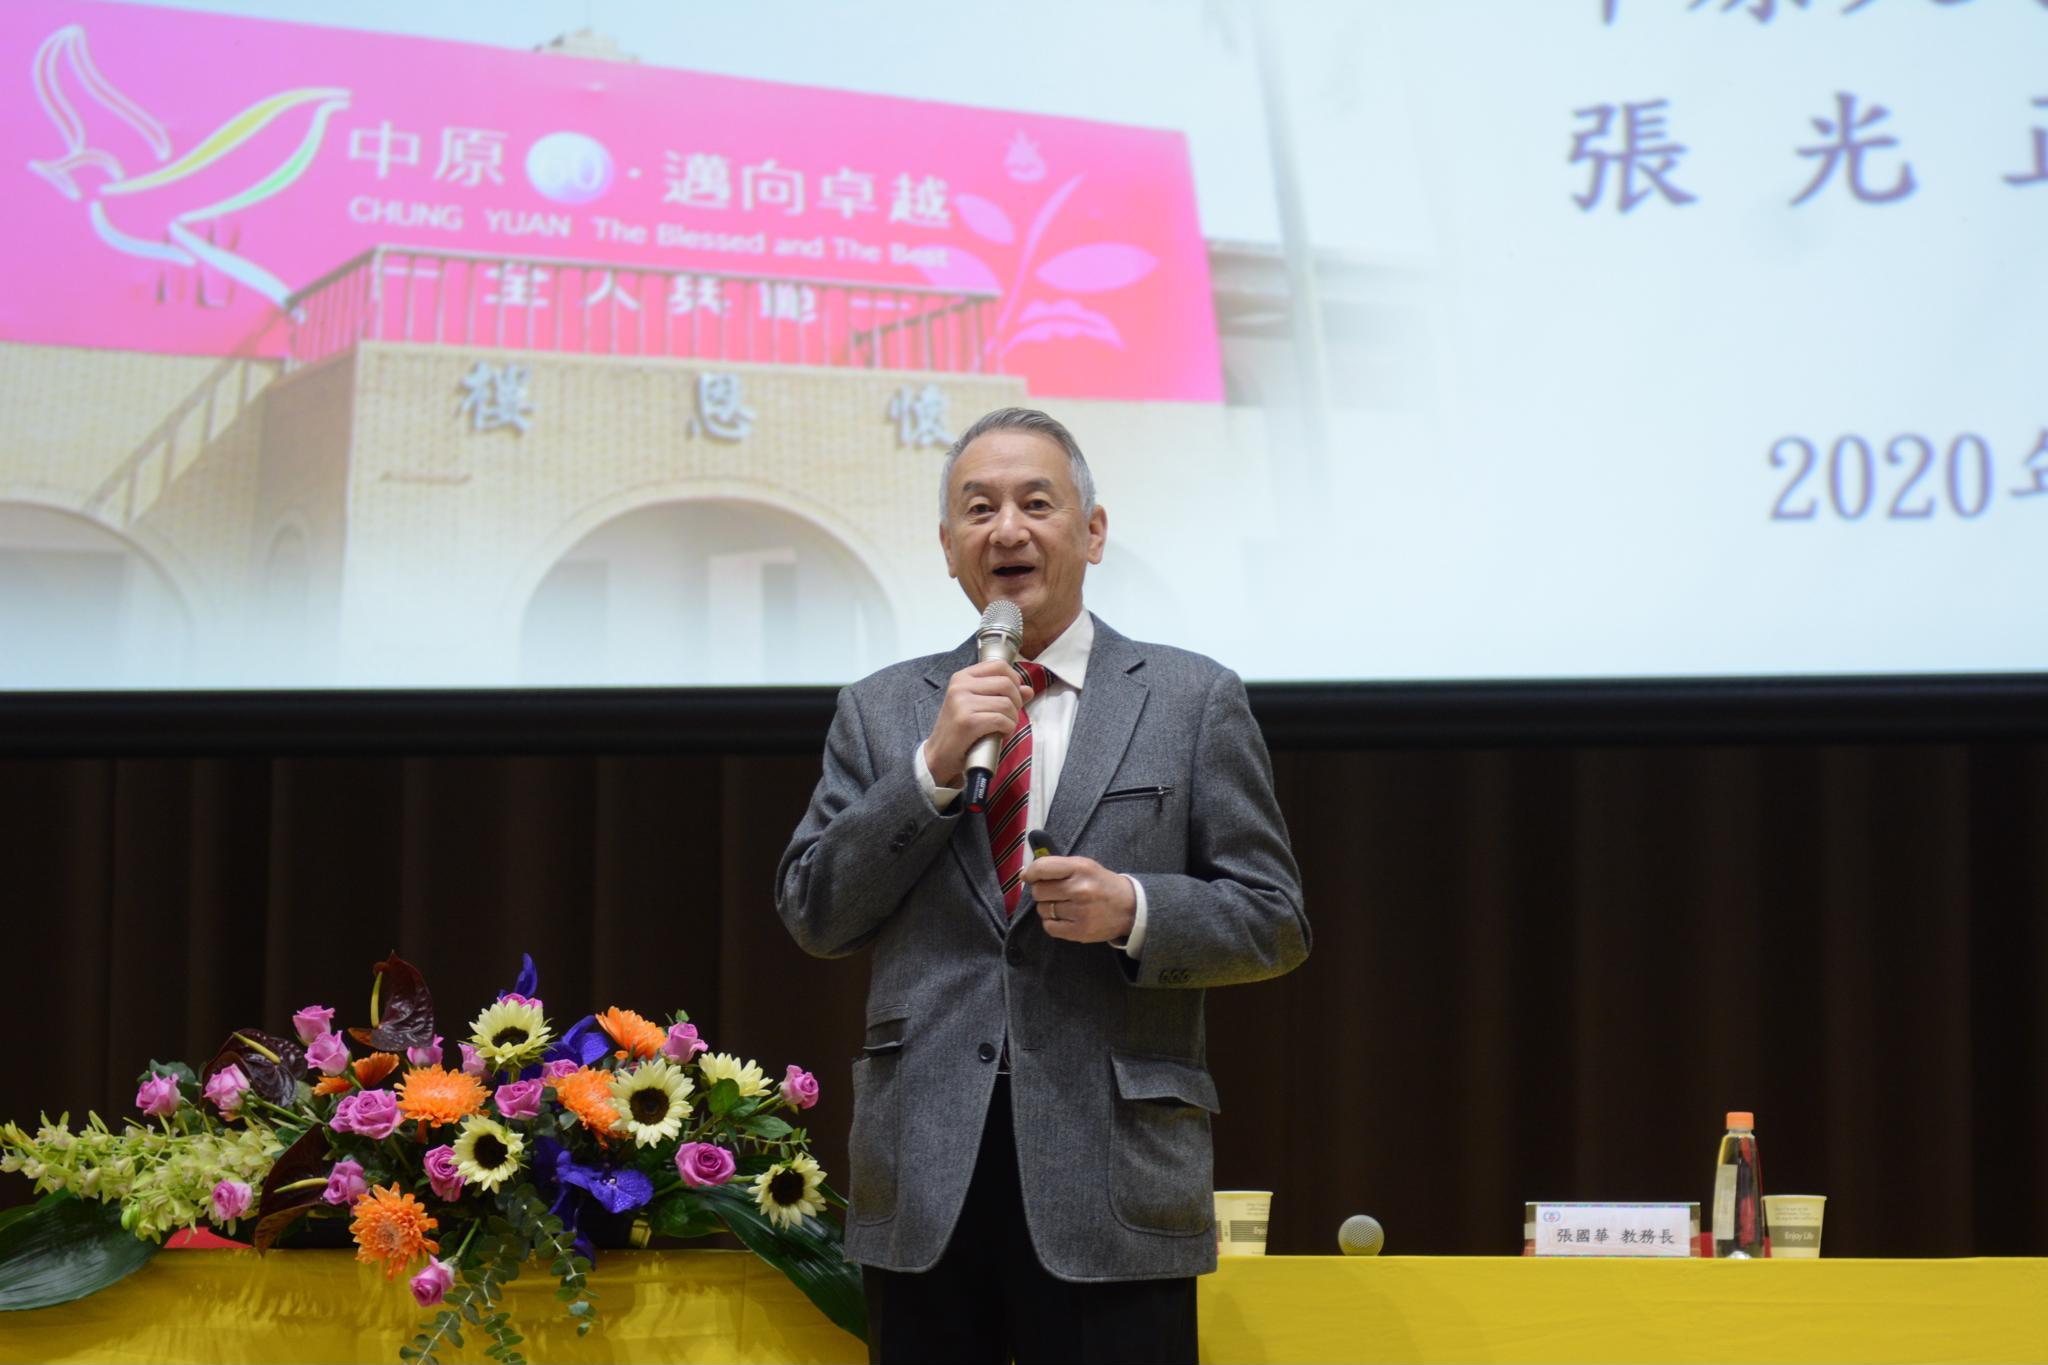 中原大學「新生親師座談會」 強化親師溝通 落實友善校園